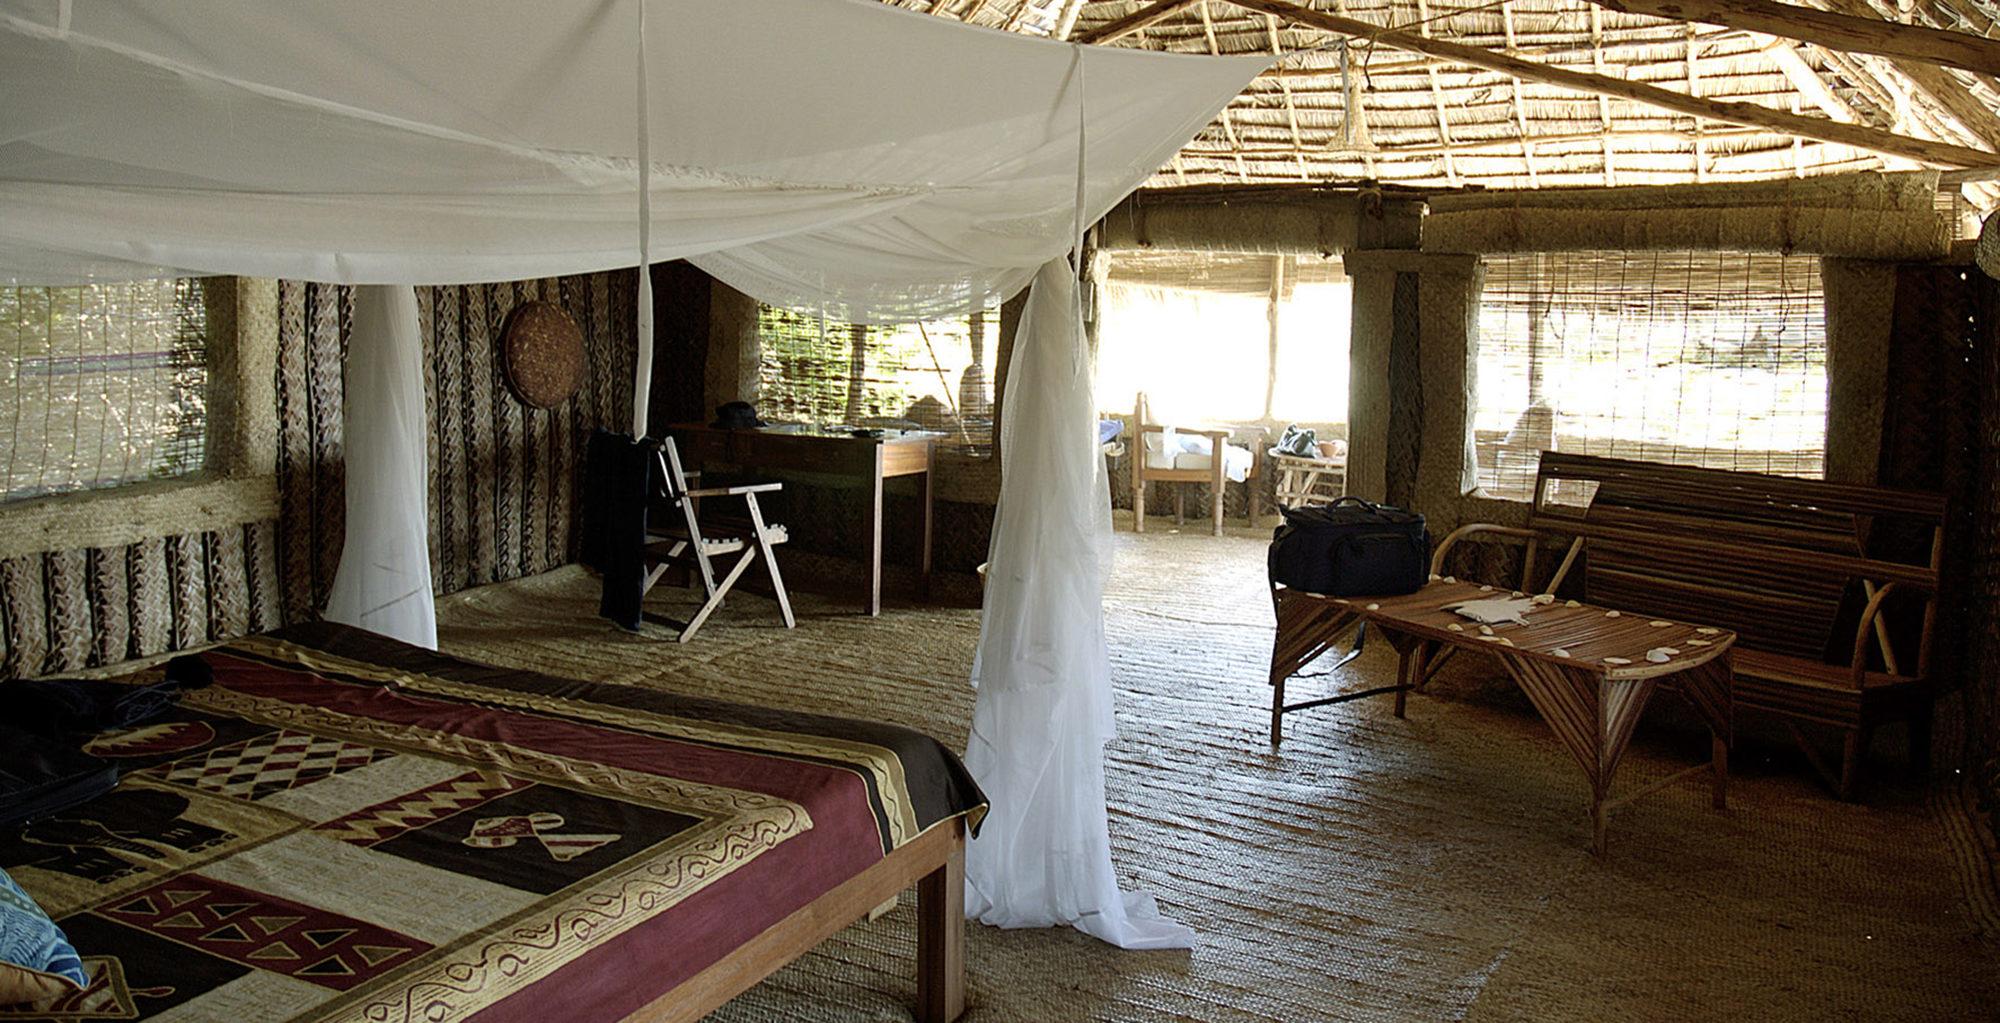 Kenya-Kizingo-Lodge-Bedroom-View